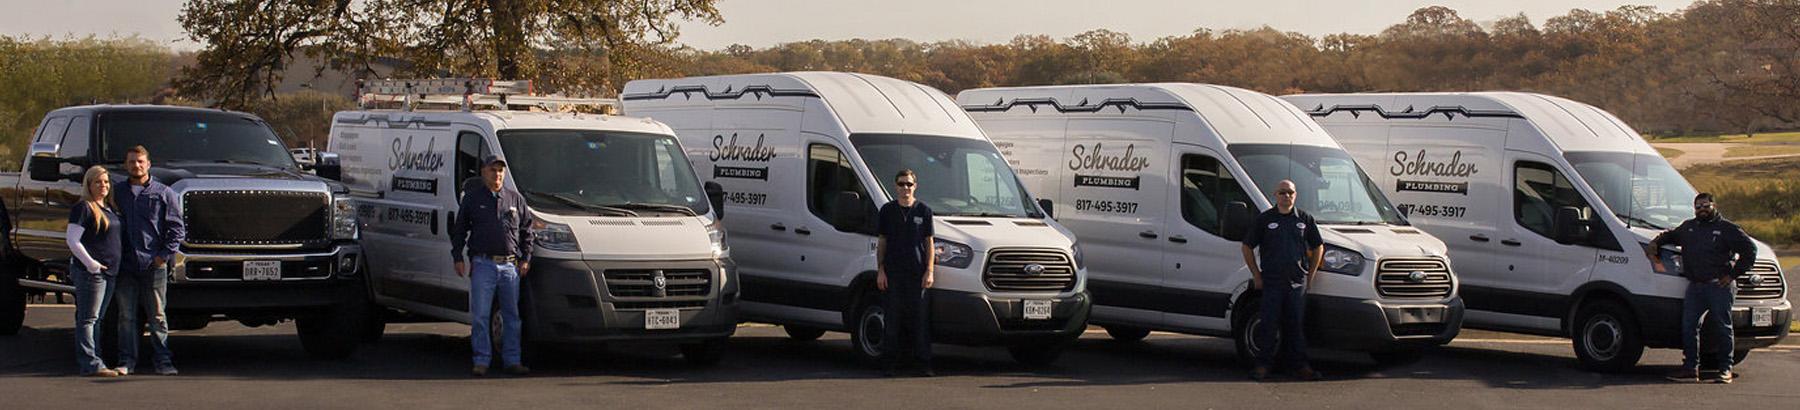 Schrader Plumbing now hiring plumbers in Tarrant County